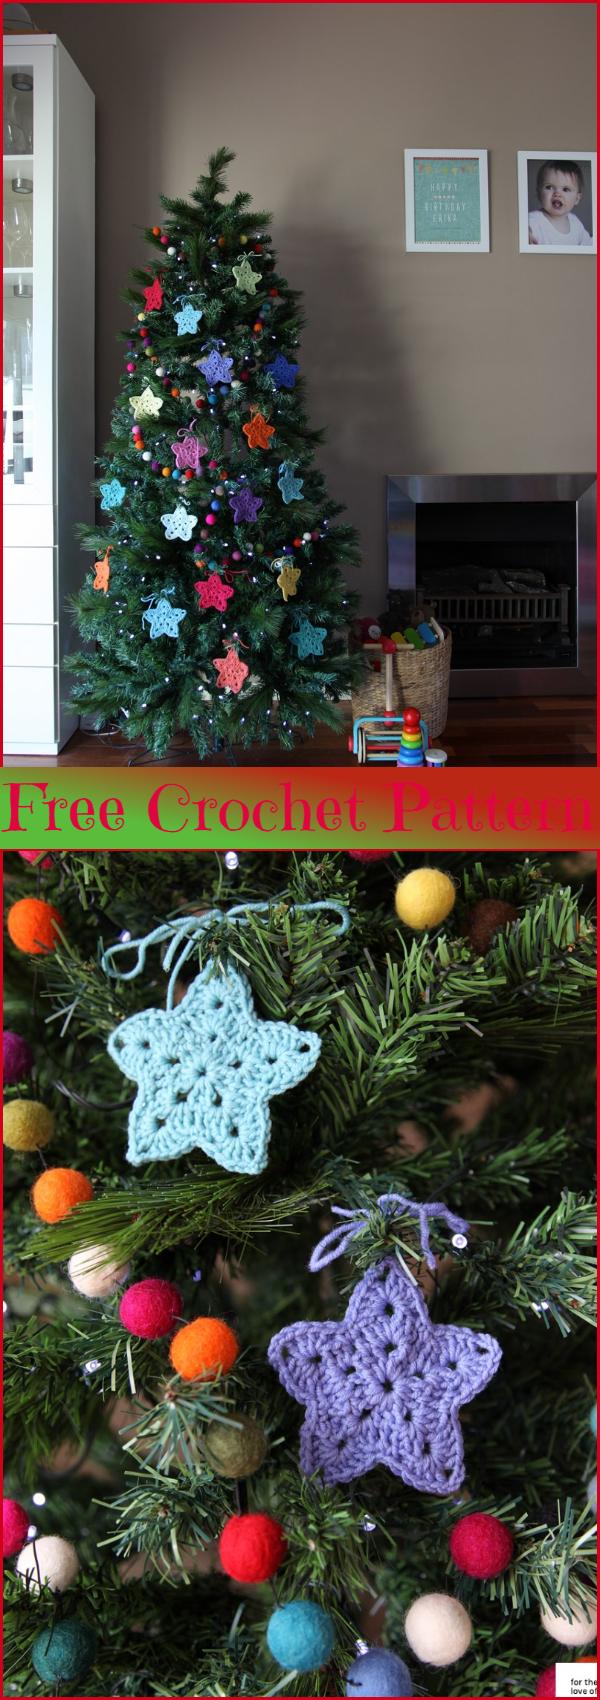 Christmas crochet stars